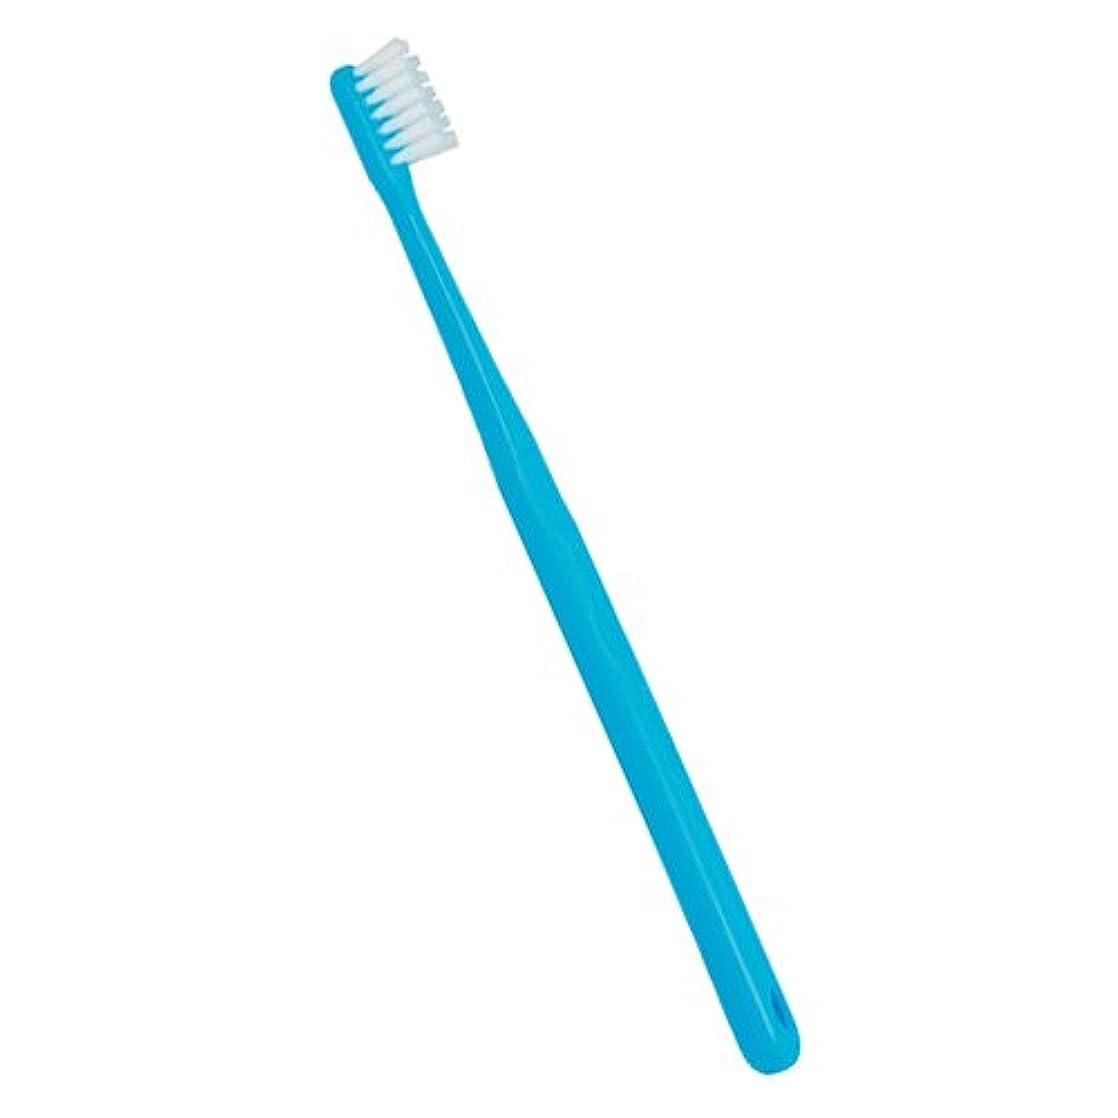 パックくそー出口Ciメディカル 歯ブラシ Ci702(フラットタイプ) 1本(M ふつう(ブルー))